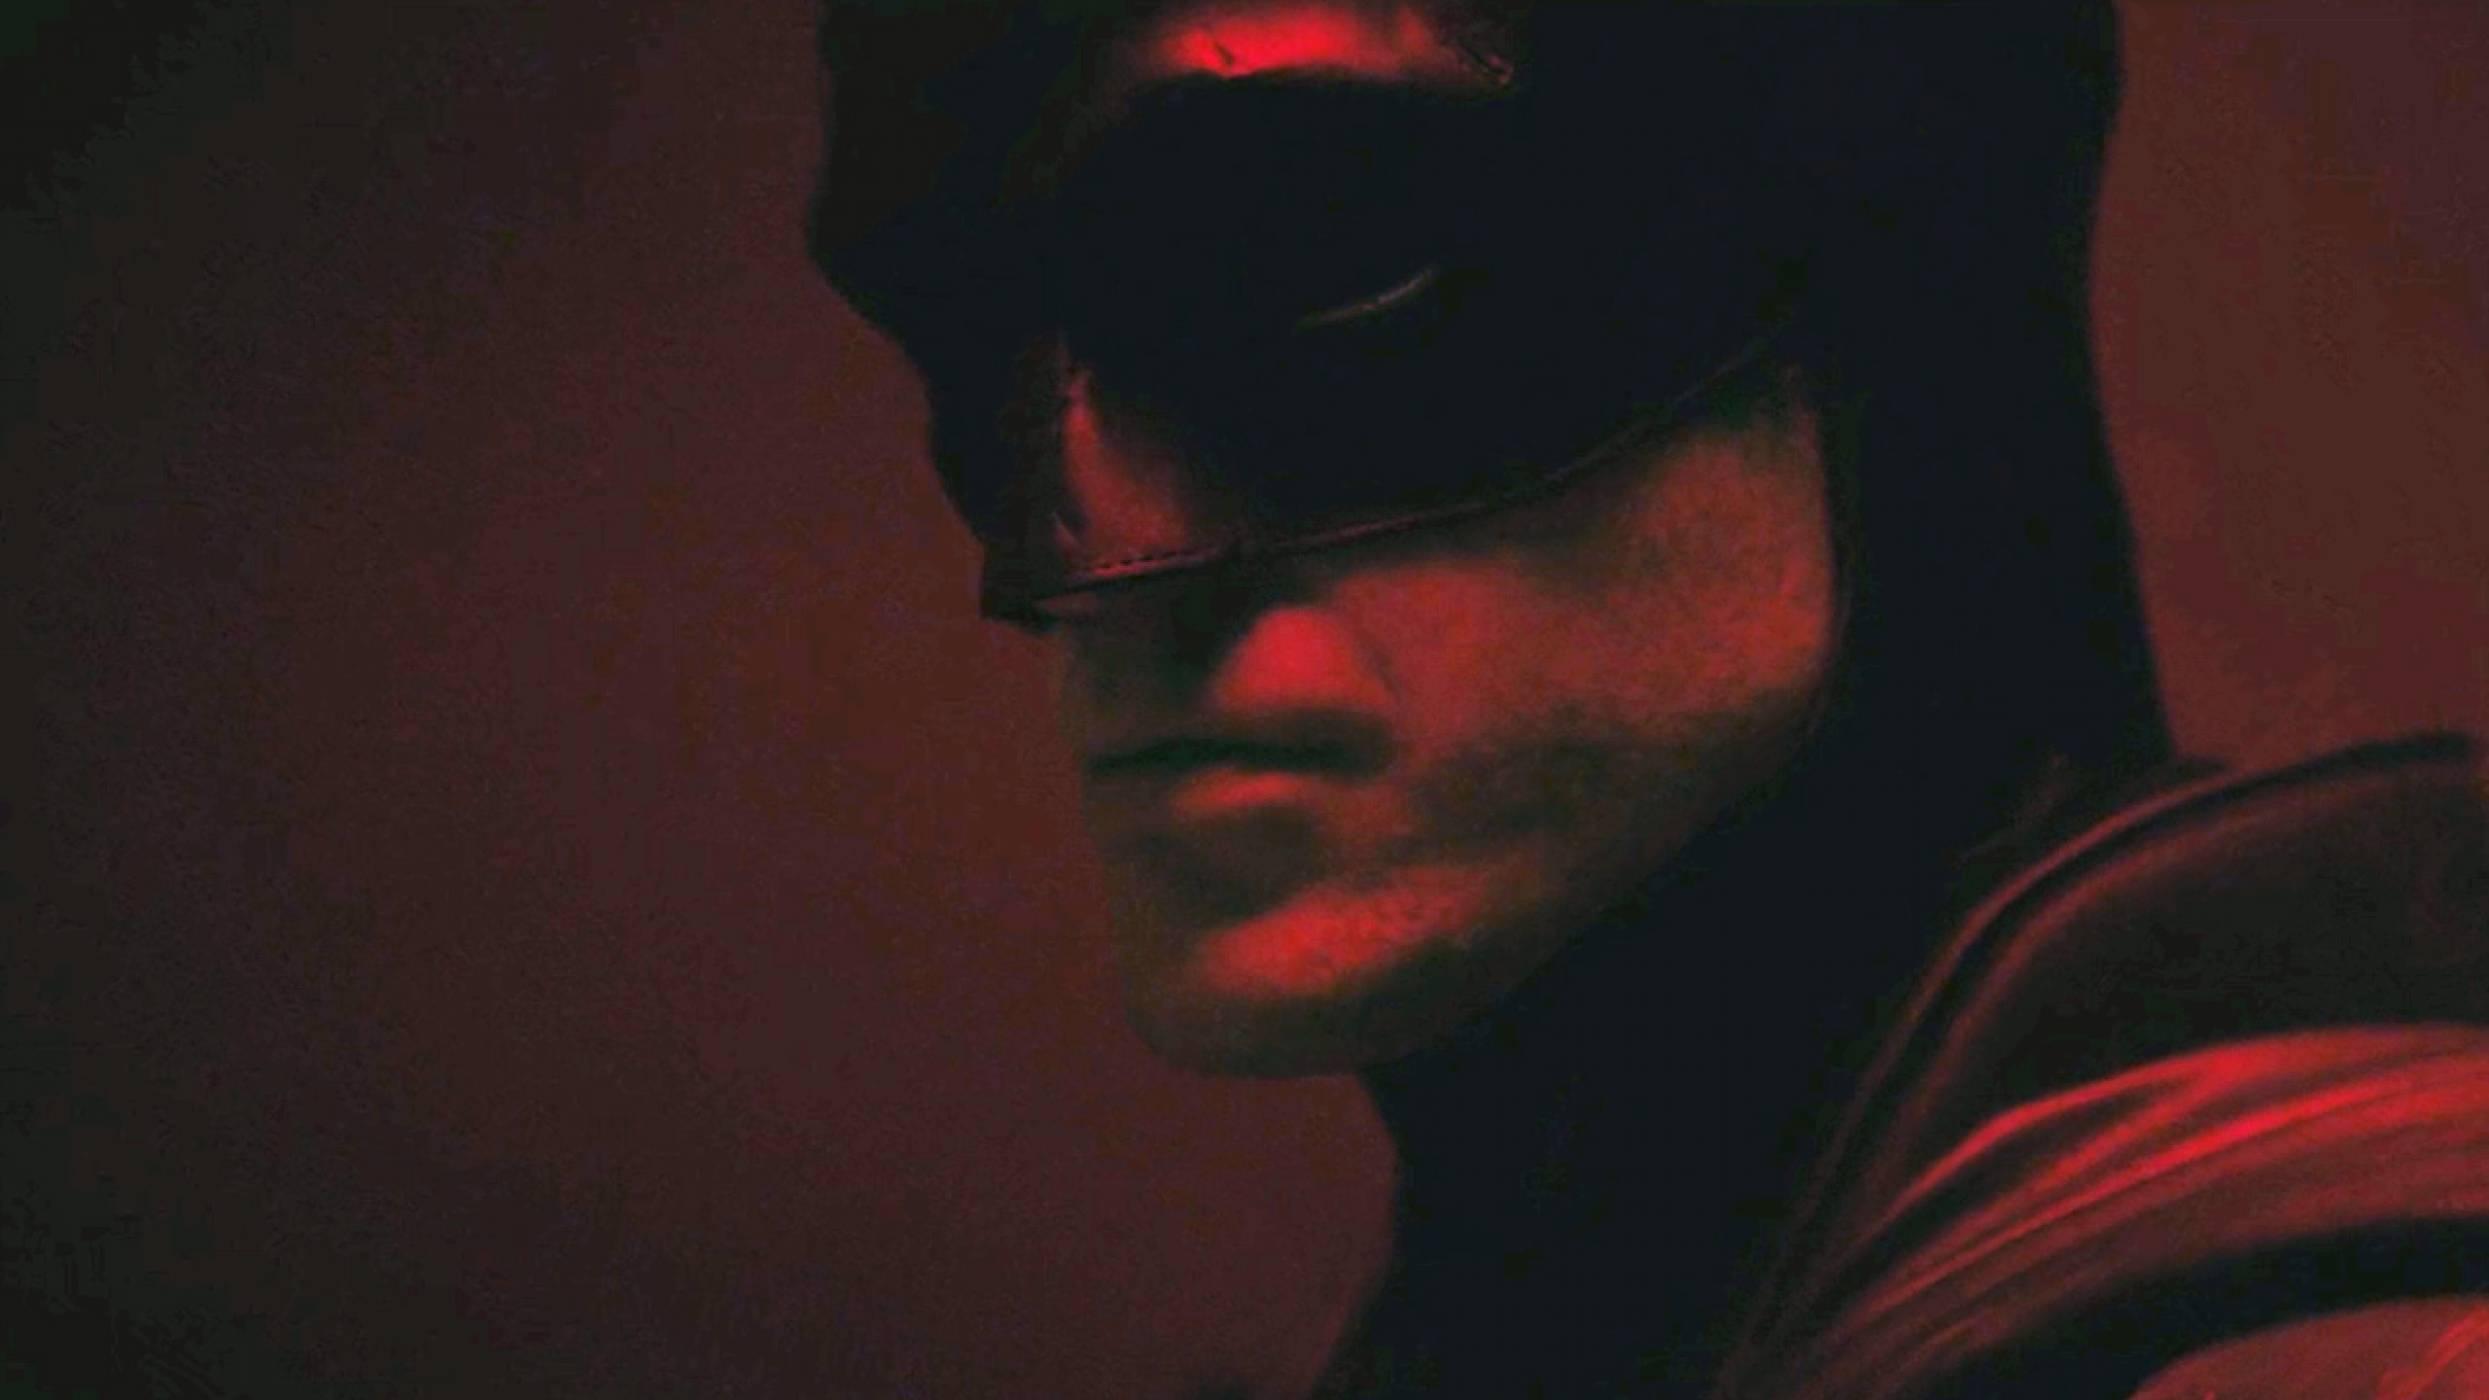 Батман на Робърт Патинсън определено изглежда жестоко! (ВИДЕО)